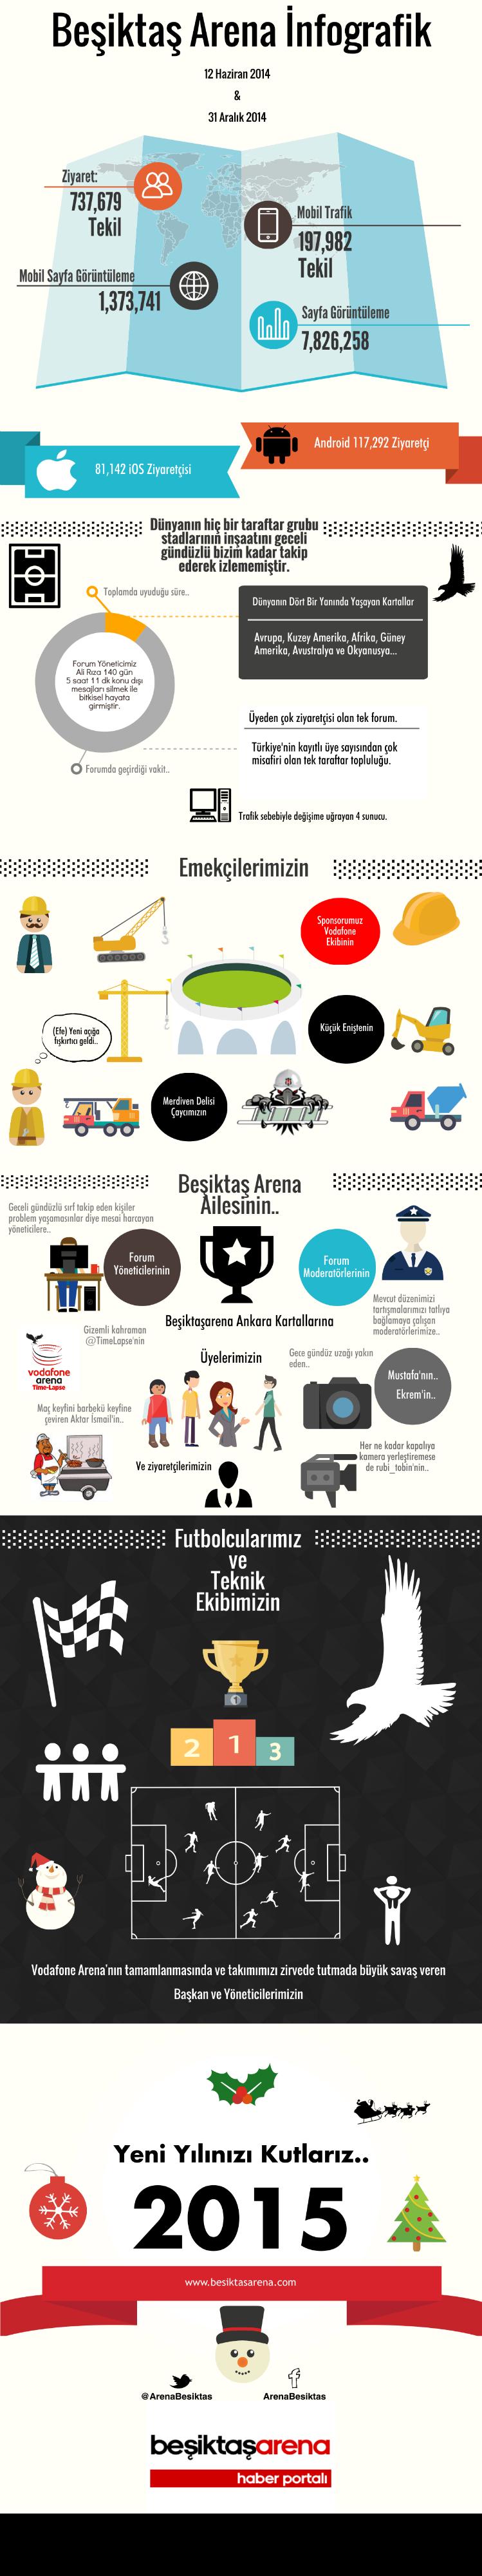 besiktasarena-infografik